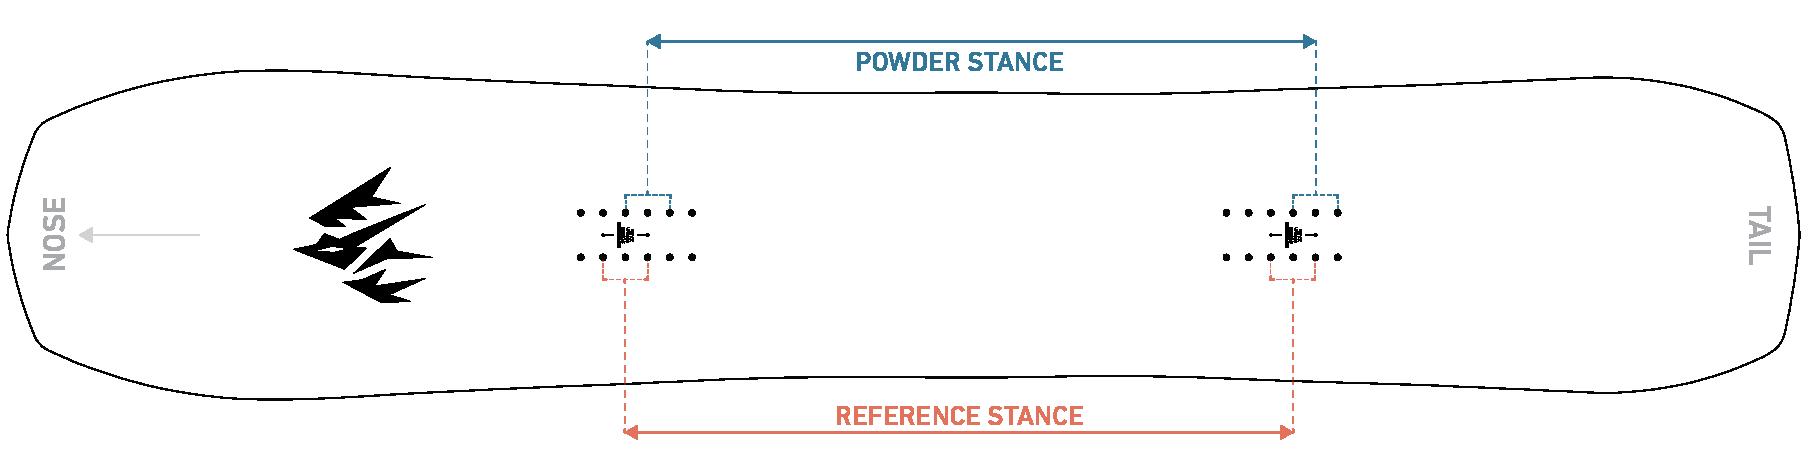 powder-stance